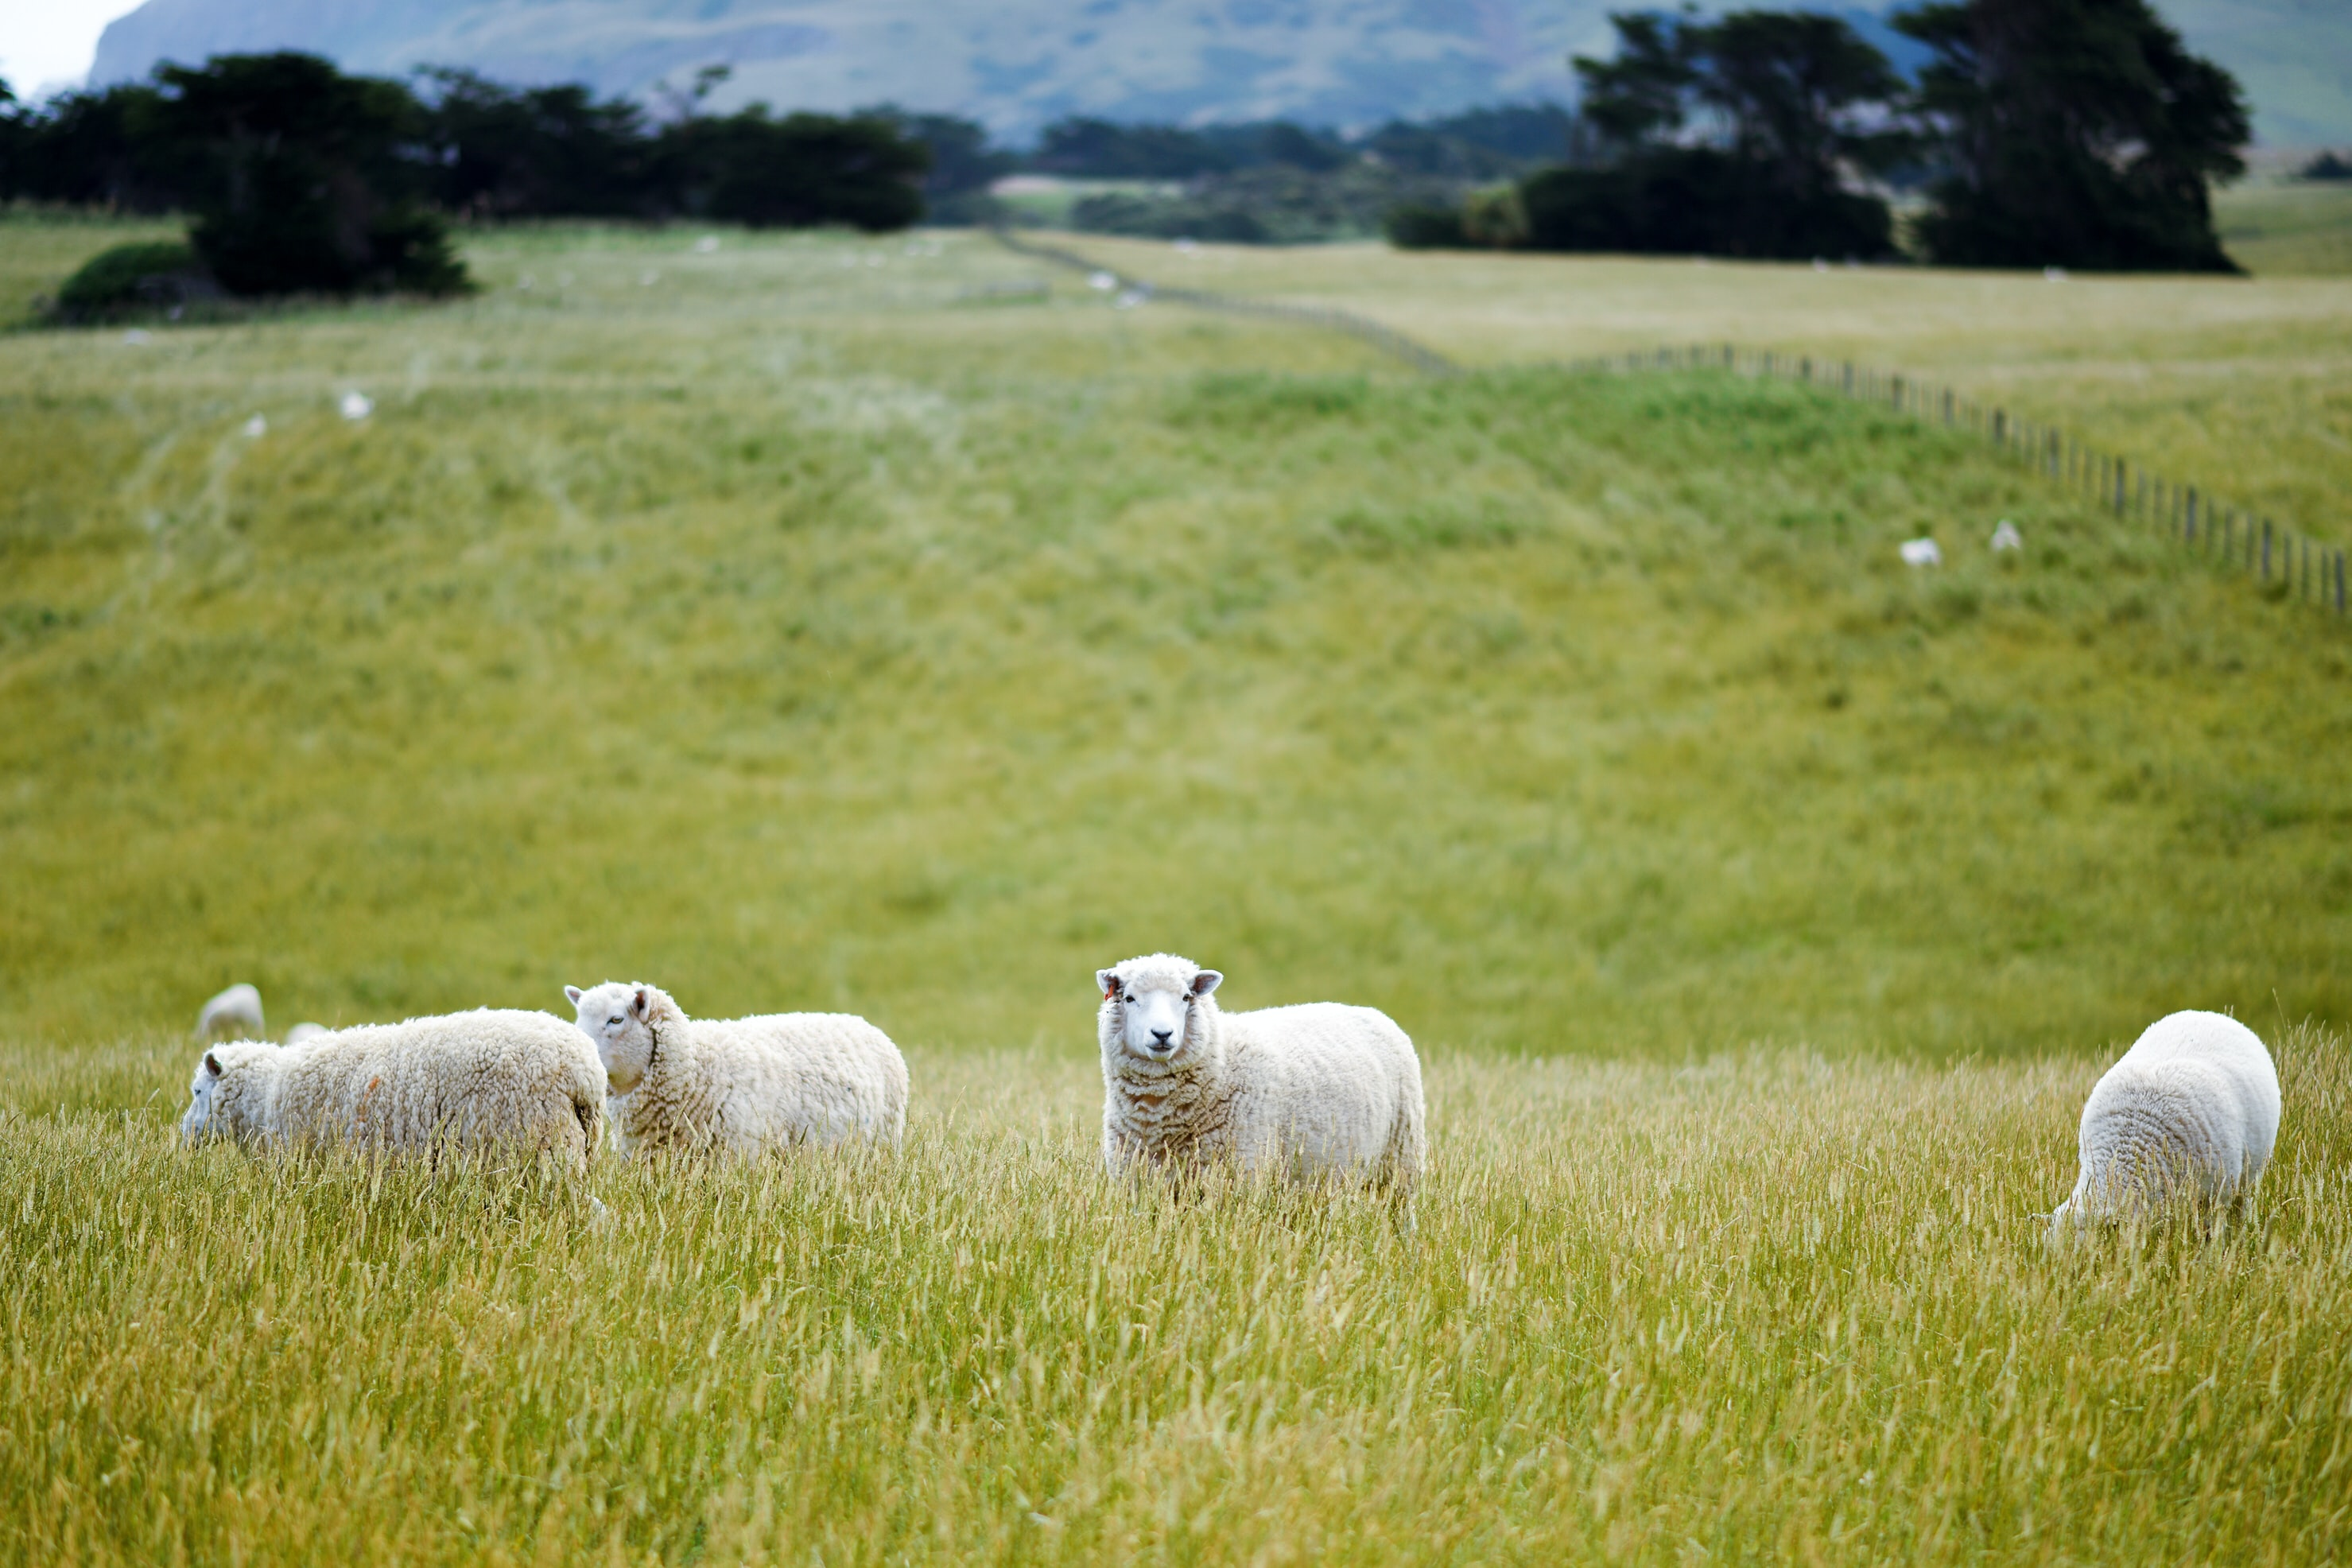 Sheep graze in a grassy hillside in New Zealand